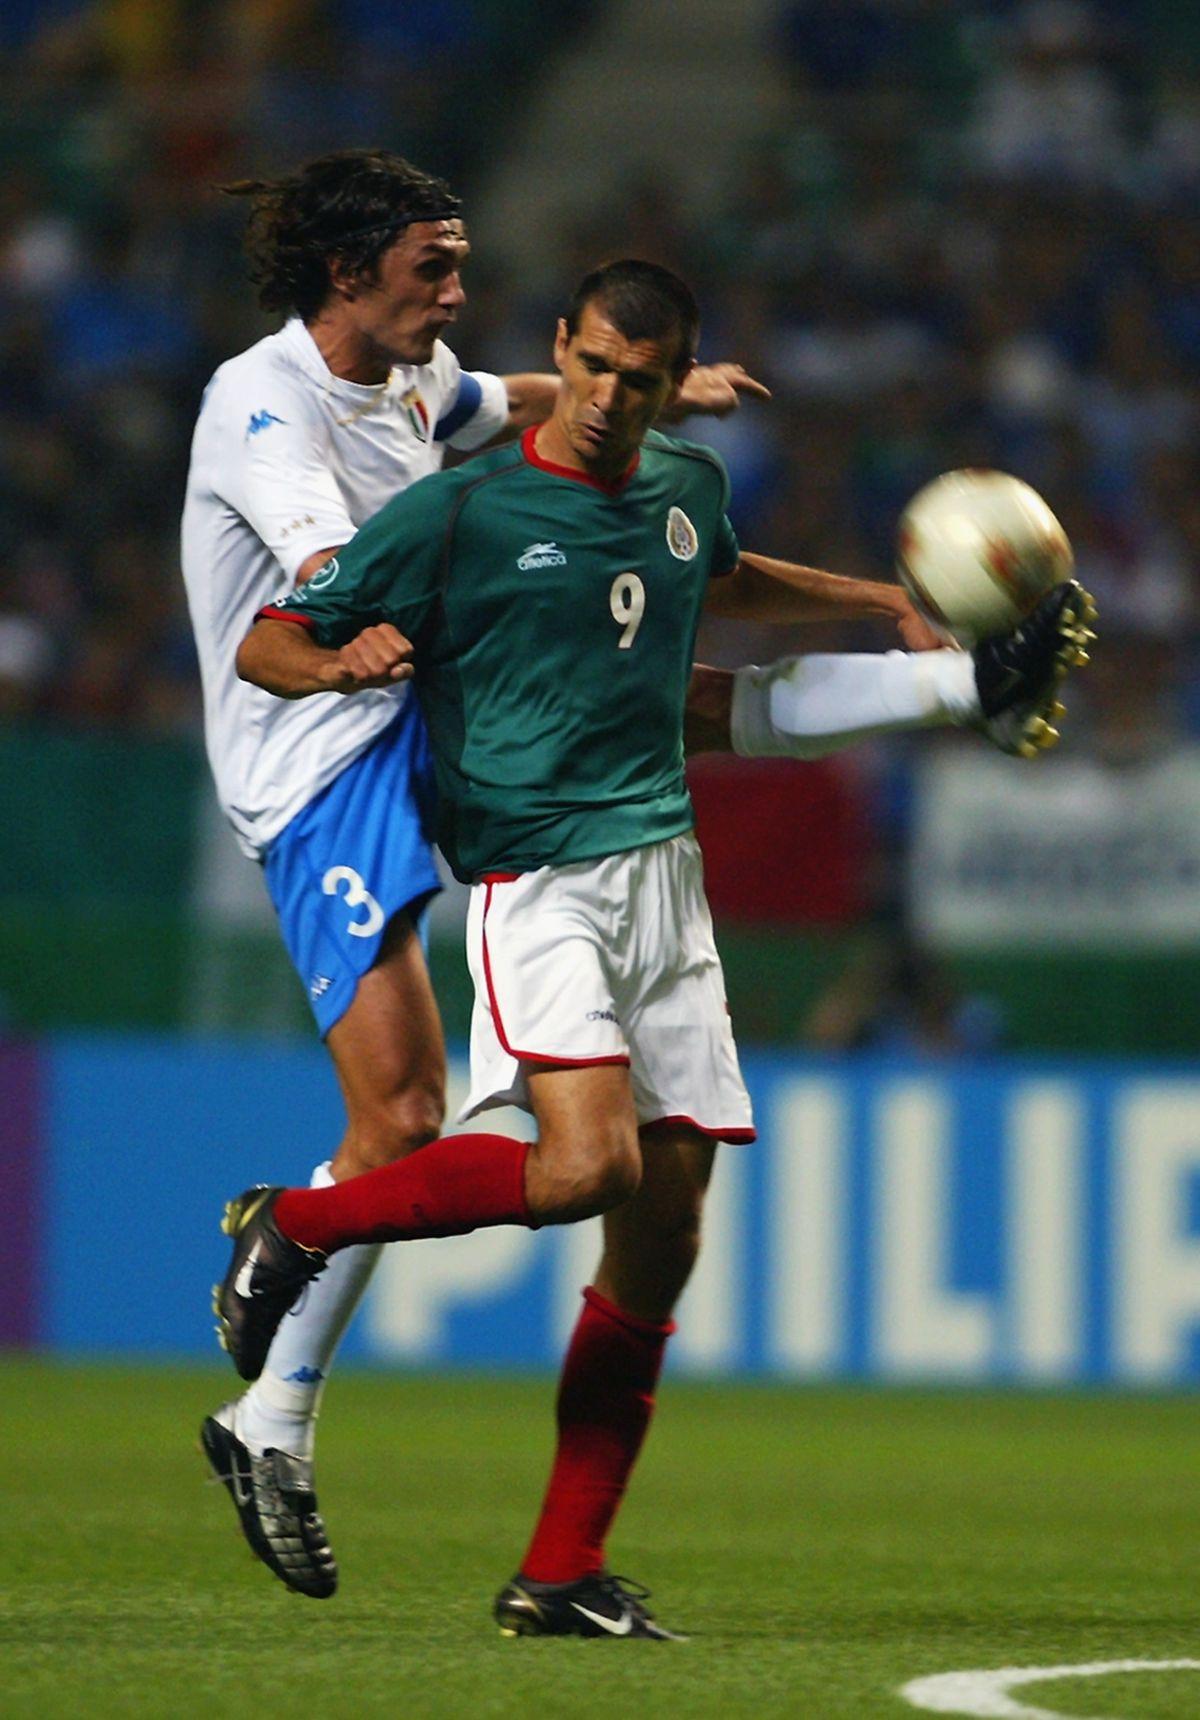 Jared Borgetti of Mexico and Paolo Maldini of Italy